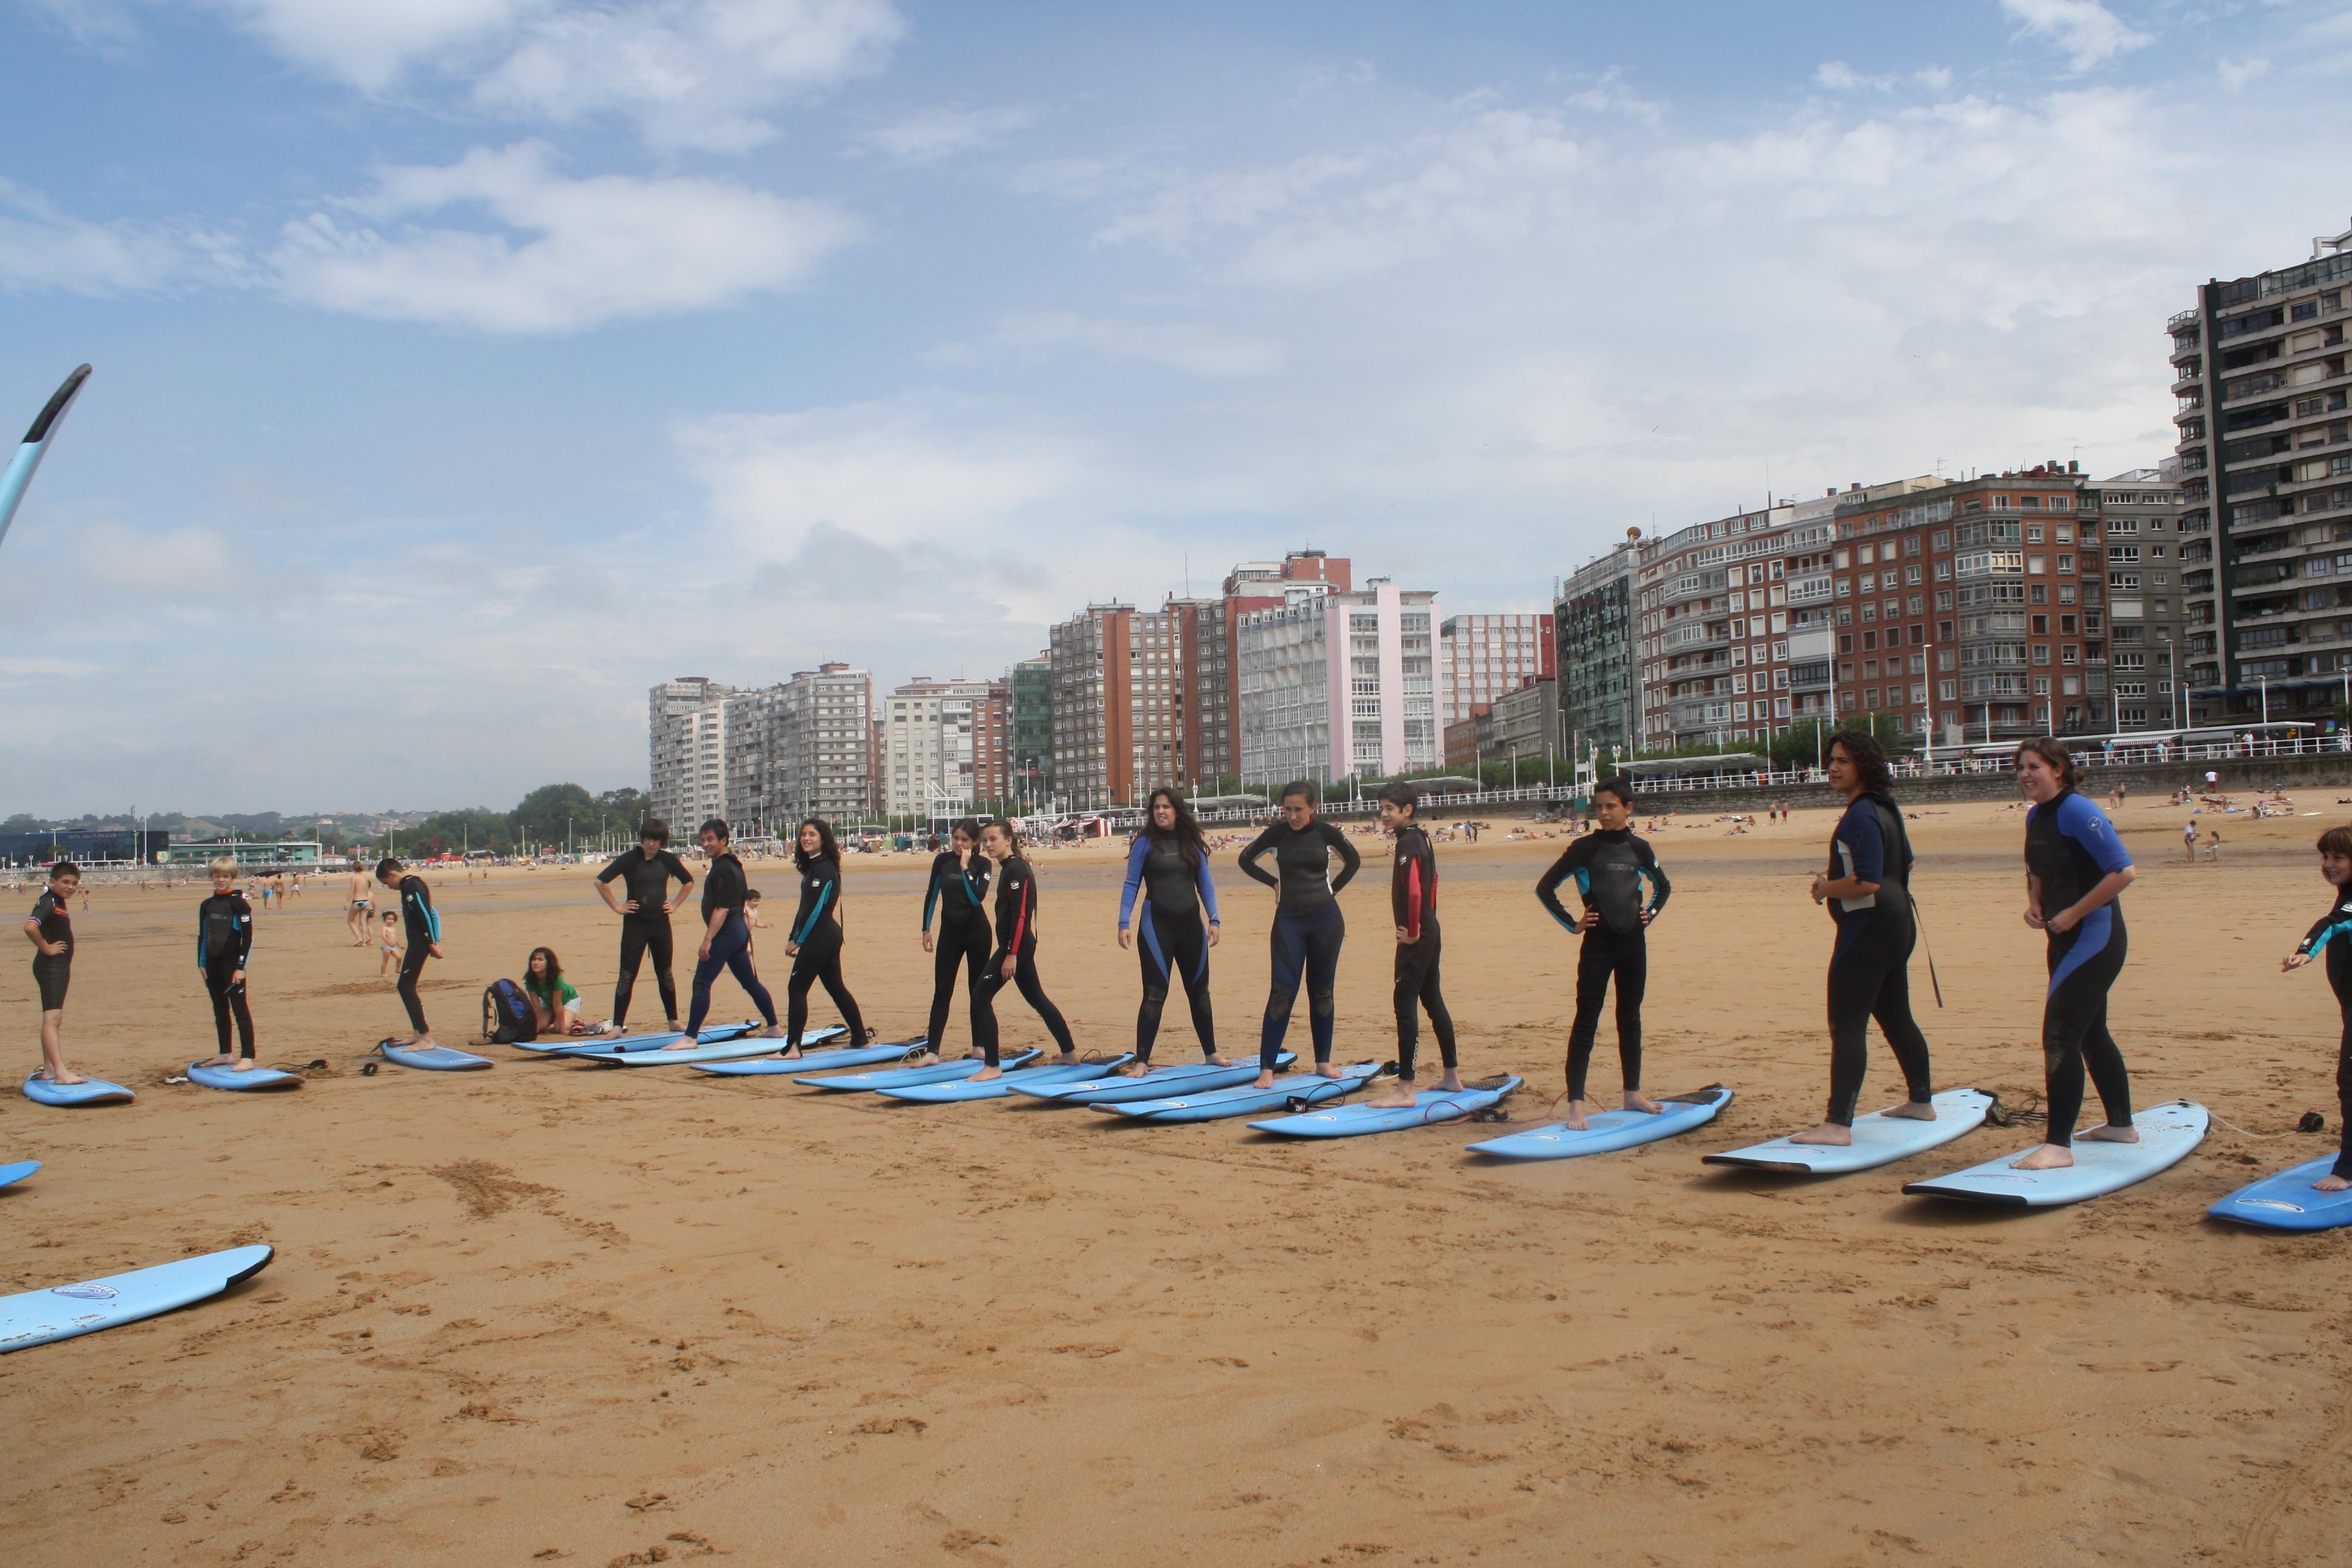 Primer surf camp en el verano de 2009. Este grupo pionero vino desde Madrid con su camp hecho a la carta.